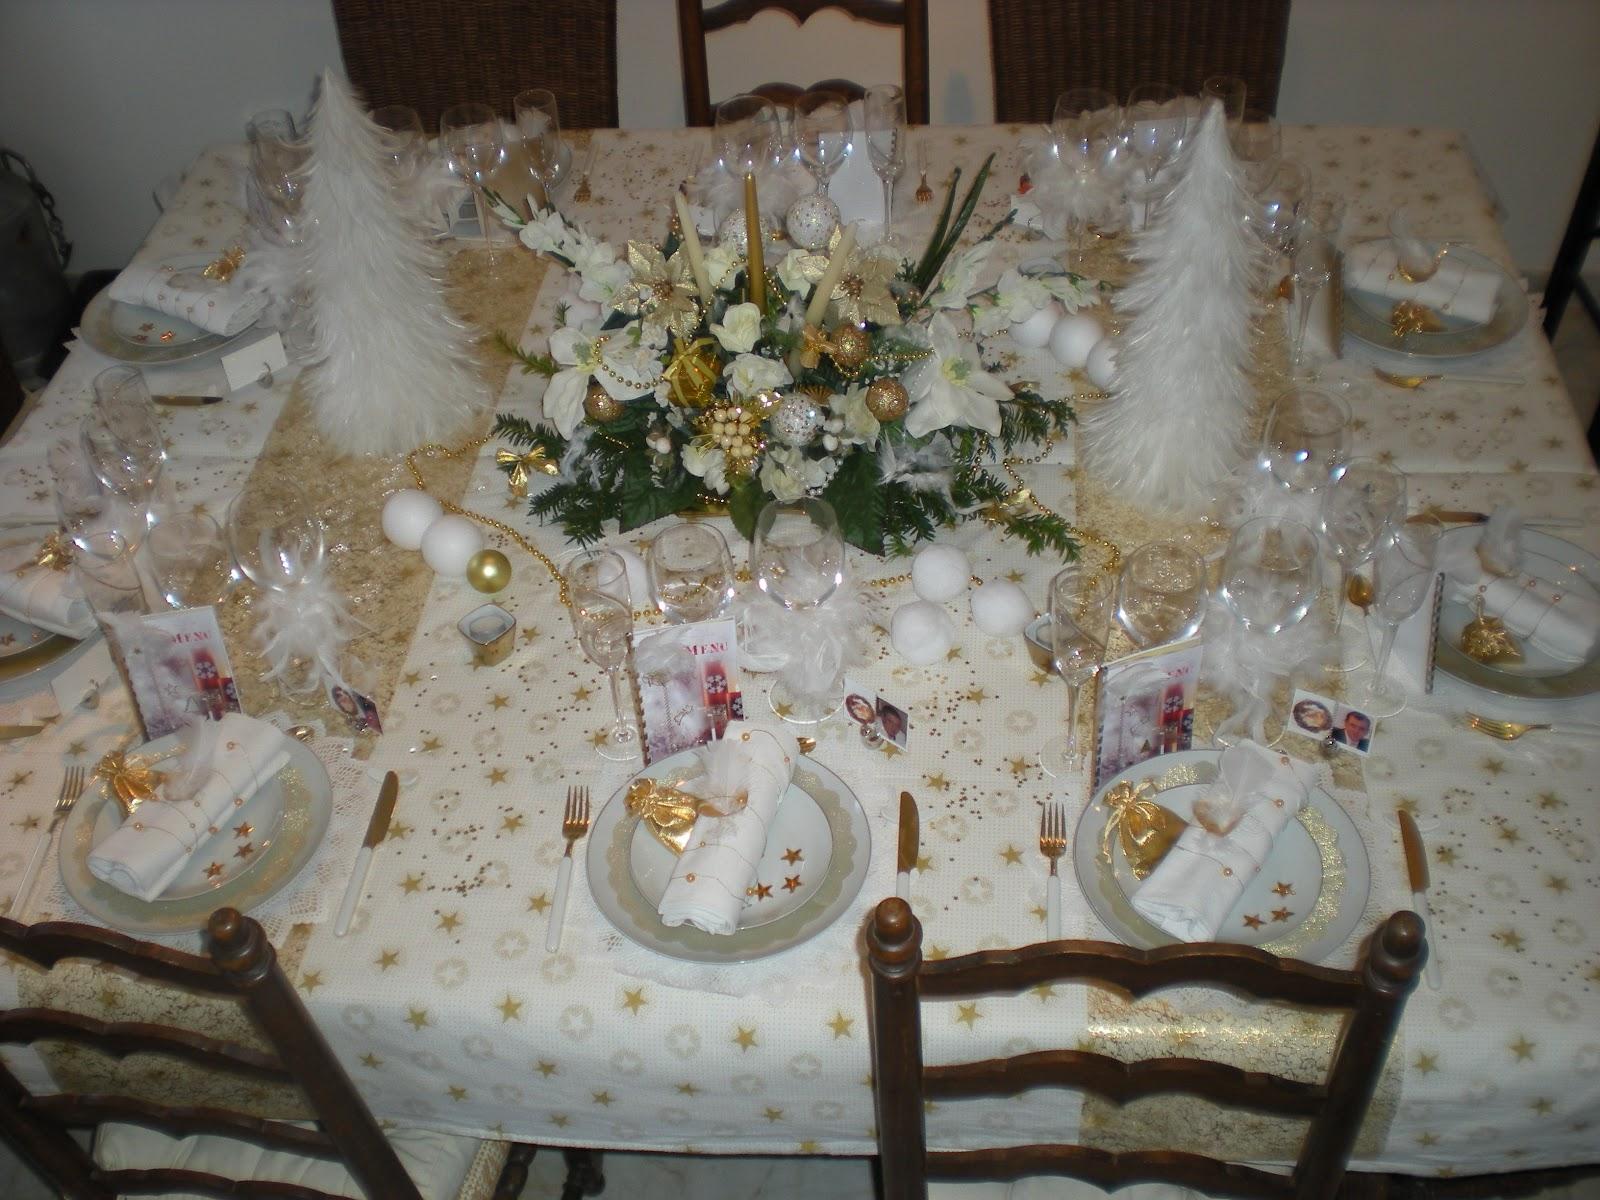 #5E4D39 Déco De Noël En Or Et Blanc . Déco De Table à Thèmes 6179 decoration de table de noel en blanc 1600x1200 px @ aertt.com